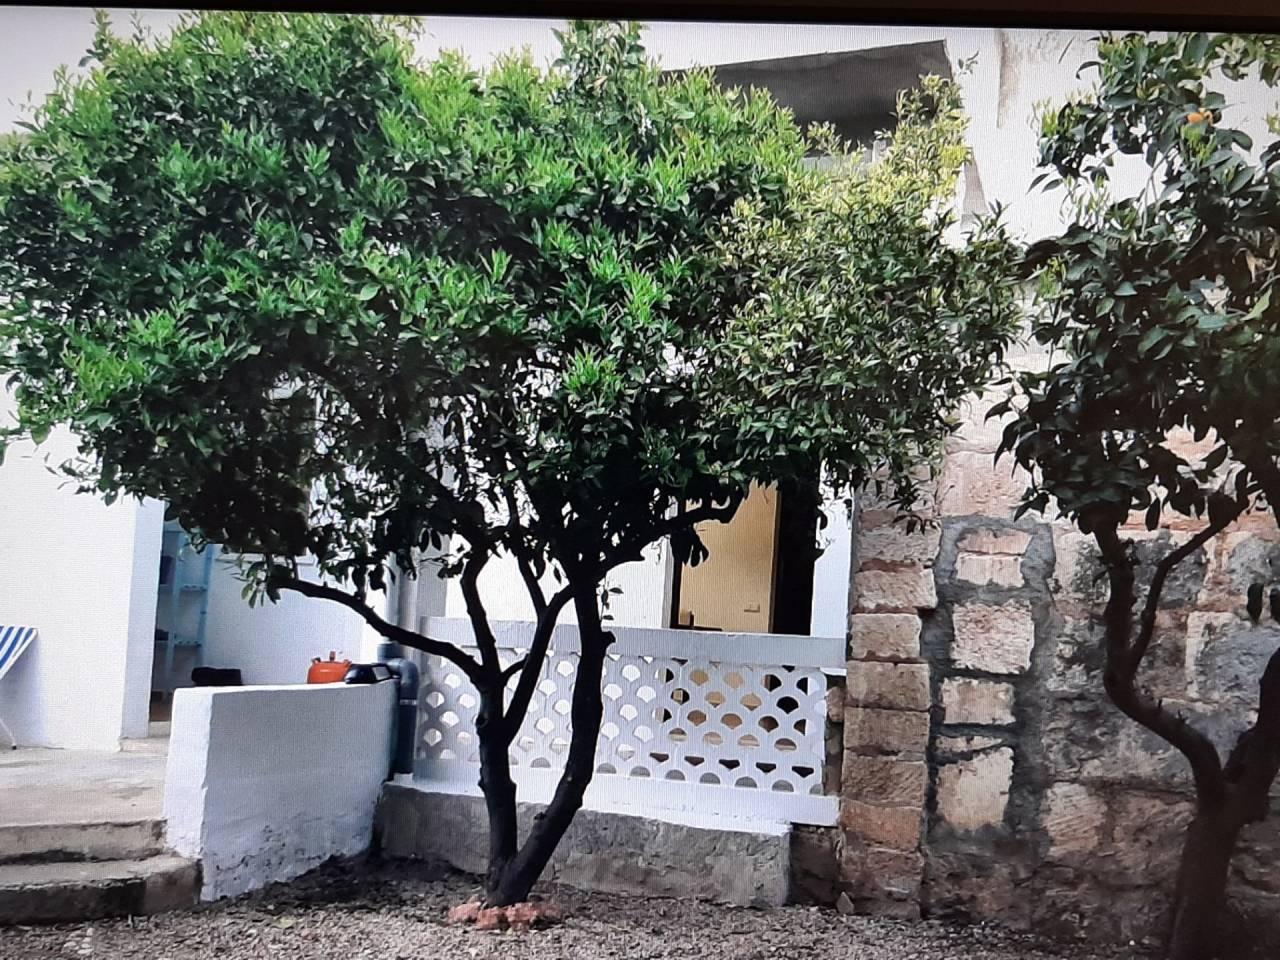 Miete Haus  Sa pobla. Casa de pueblo con 4 habitaciones dobles y con un gan jardín. es